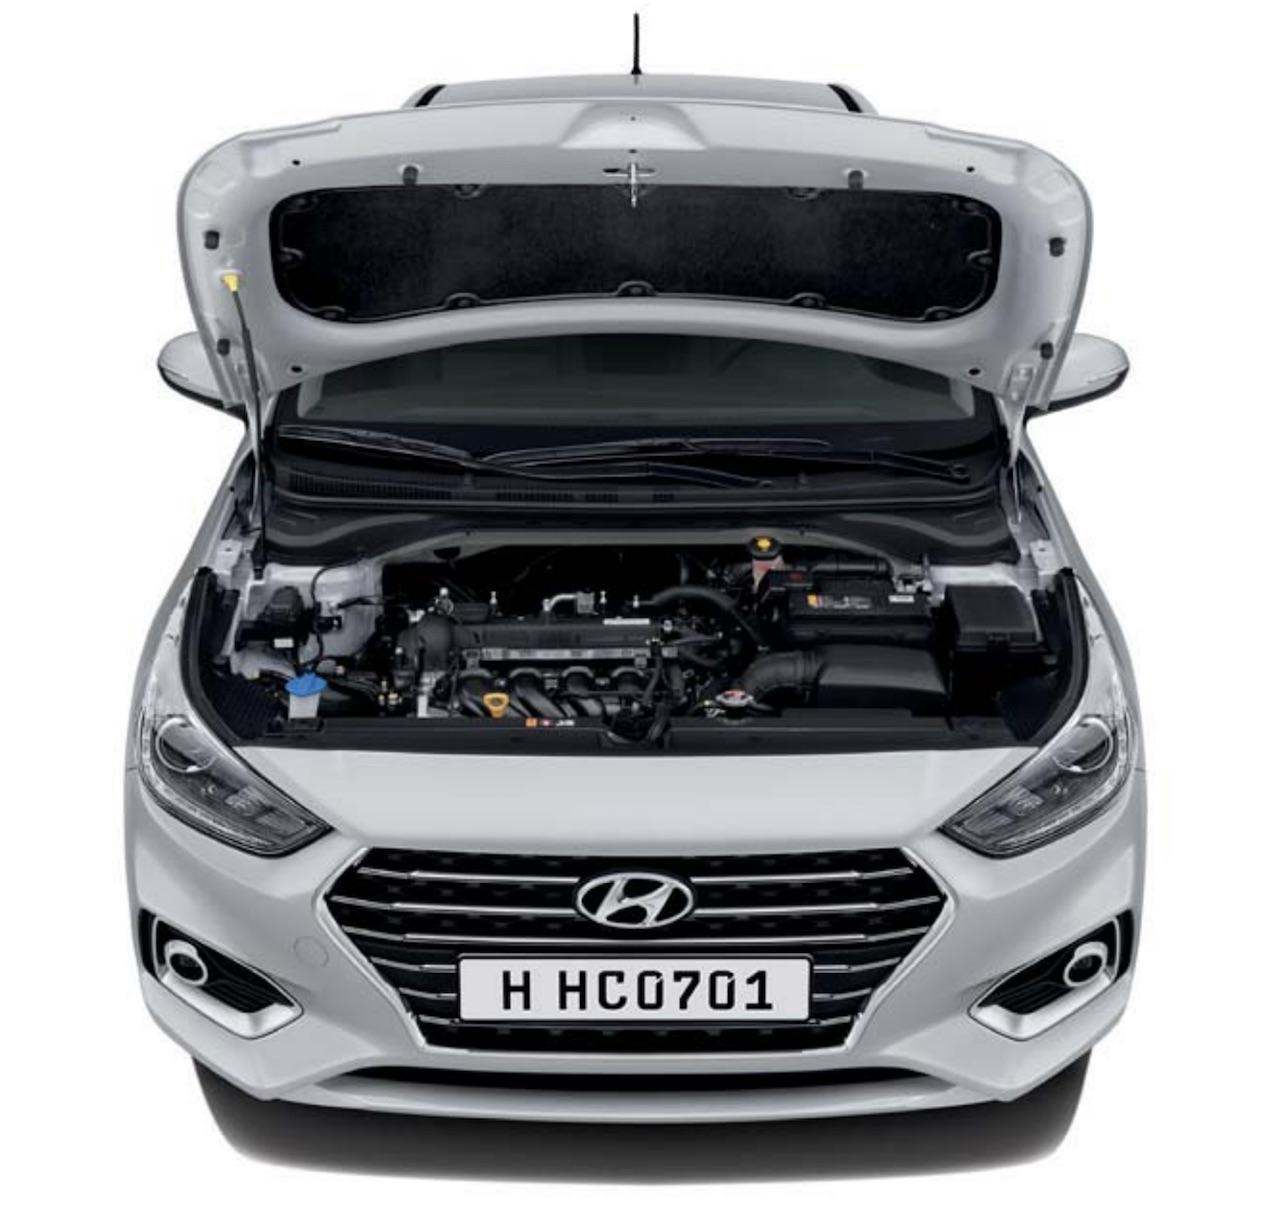 2018 Hyundai Verna engine bay